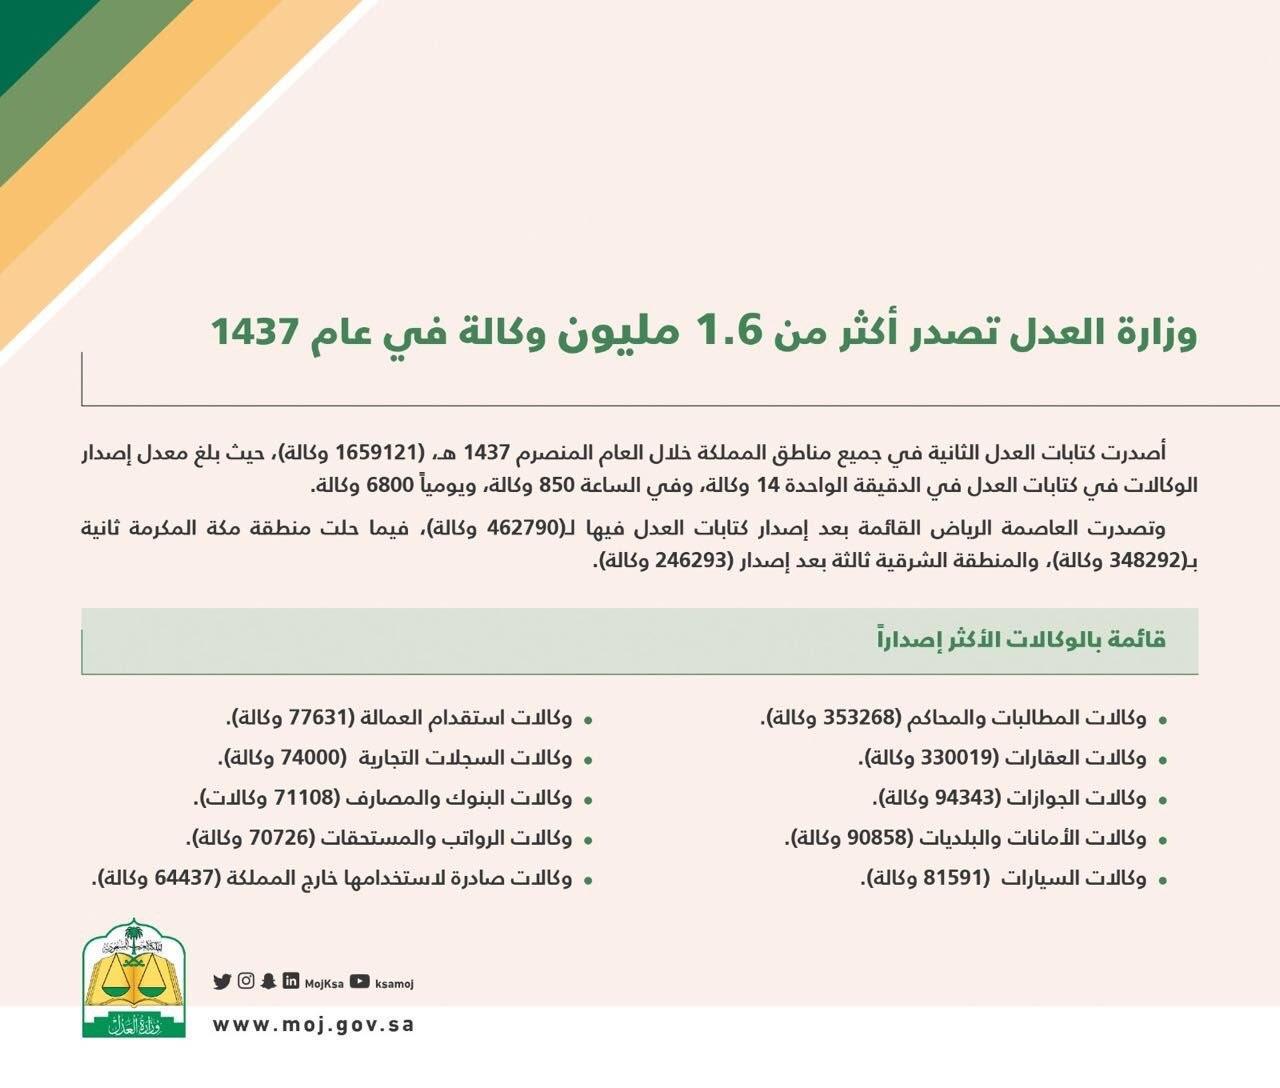 العدل ت صدر 6800 وكالة يوميا بجميع مناطق المملكة ارشيف 2016 صحيفة الوئام الالكترونية